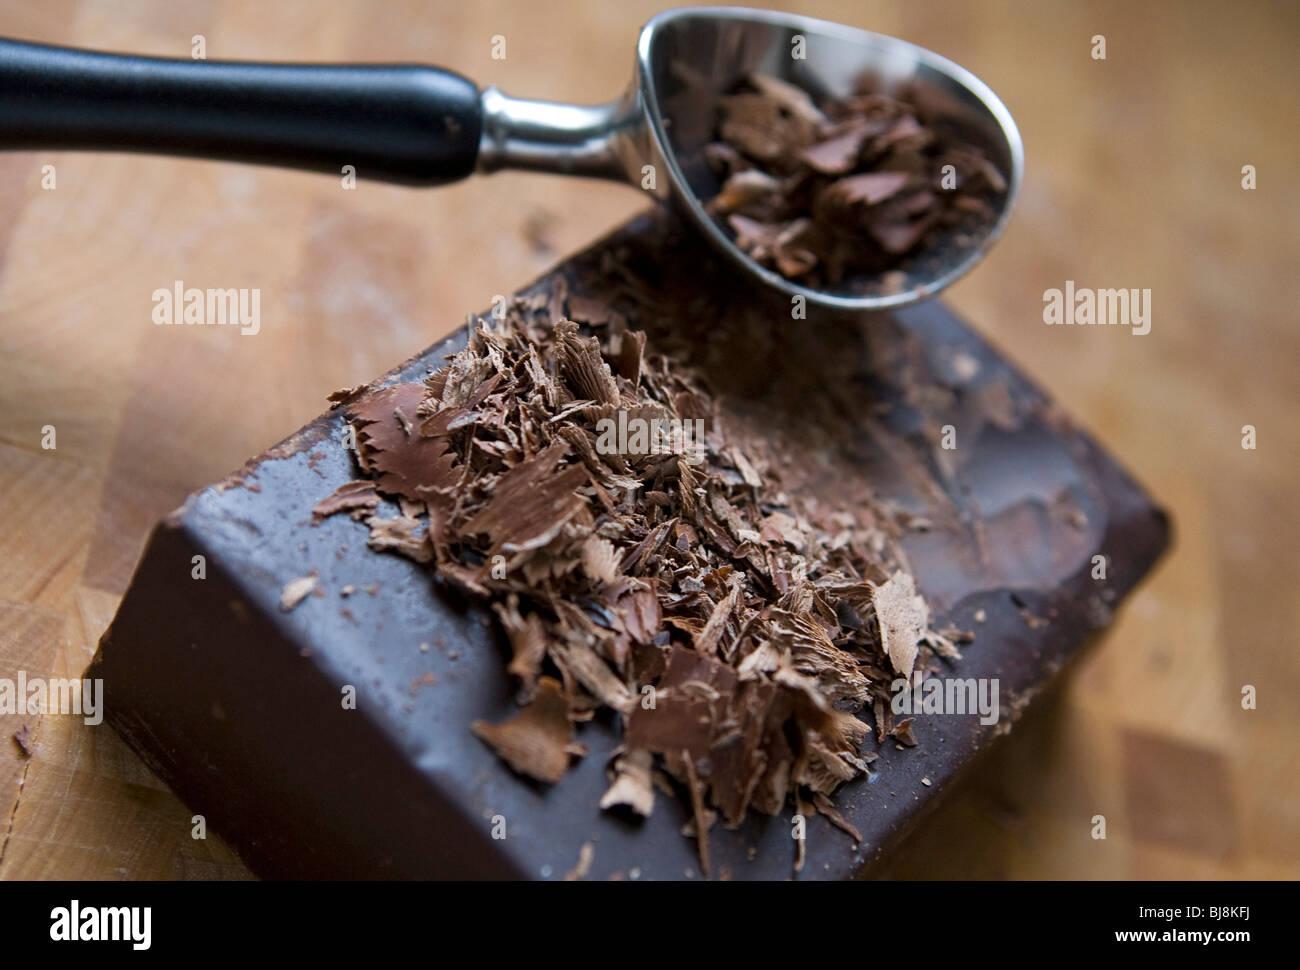 Un bloc de chocolat noir et copeaux de chocolat noir. Photo Stock